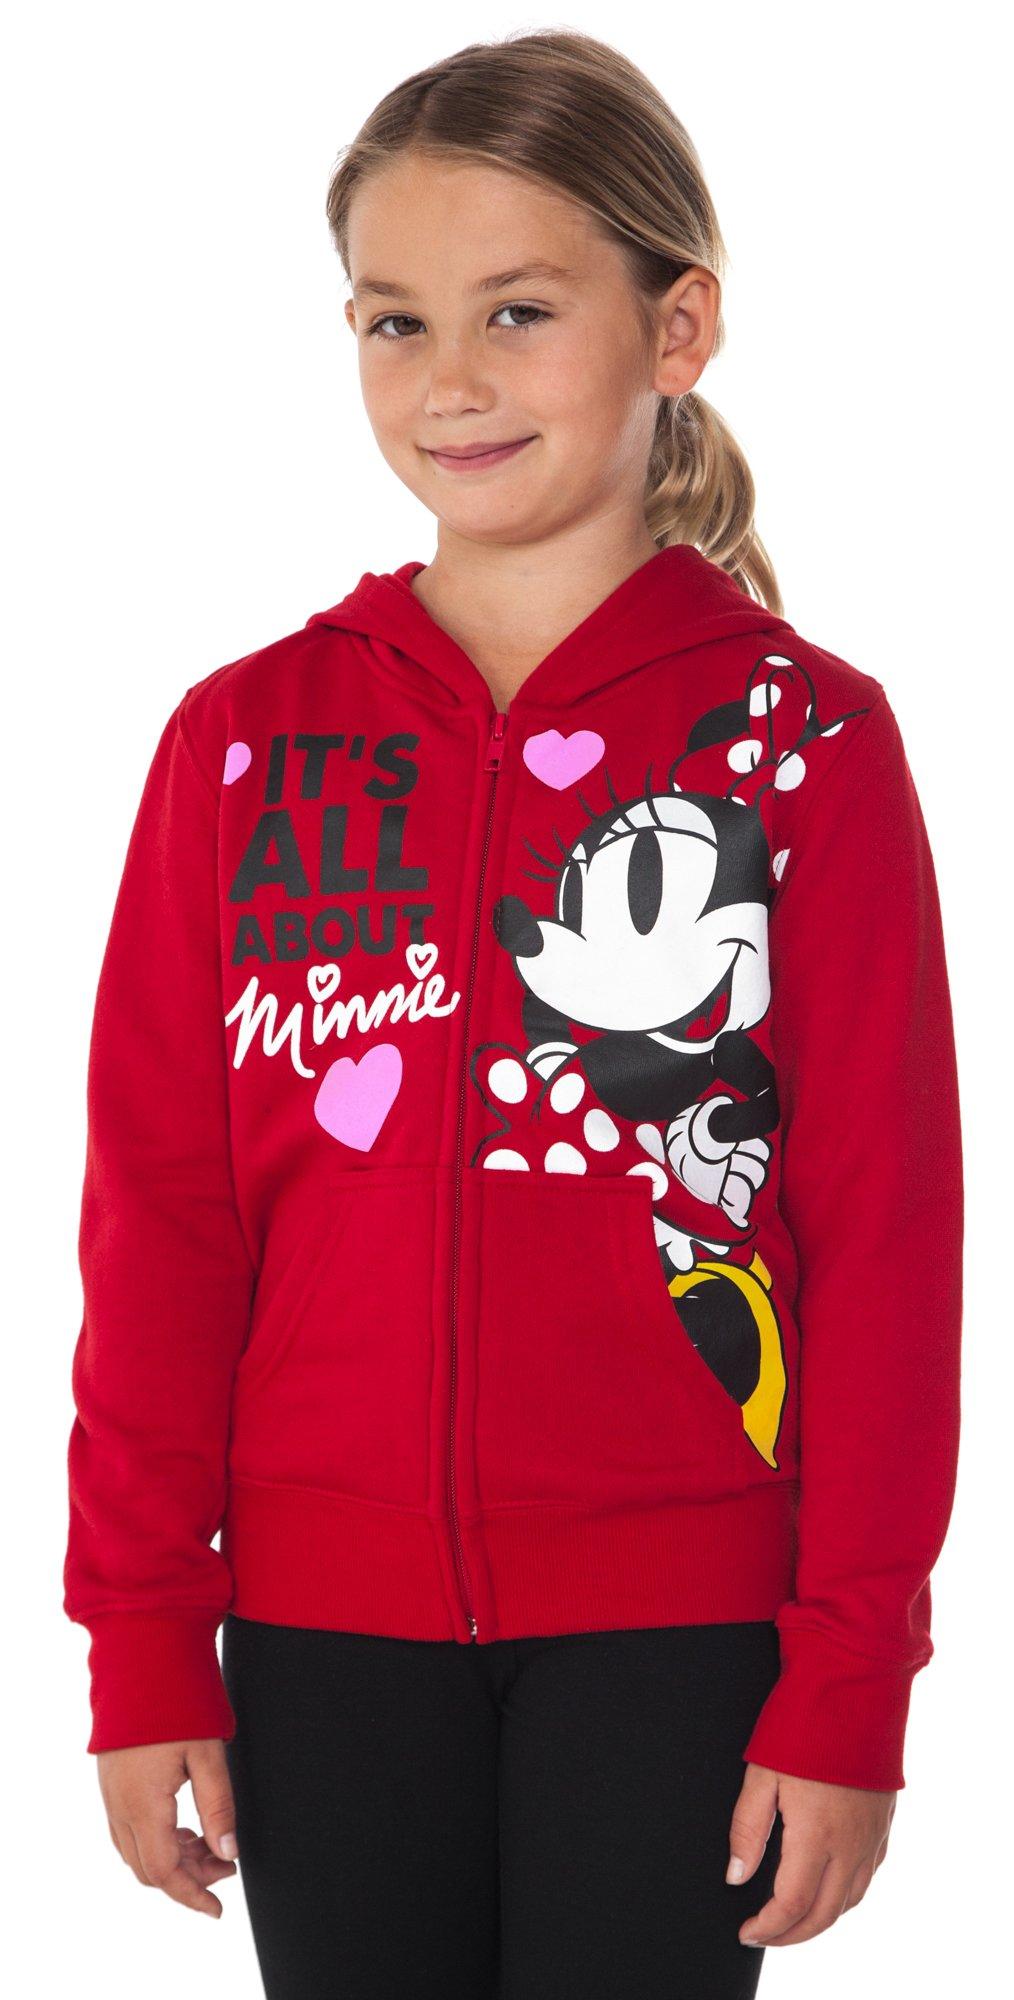 Disney Minnie Mouse Girl's Hoodie Zipper Sweatshirt Print Red (Large (10/12)) by Disney (Image #4)